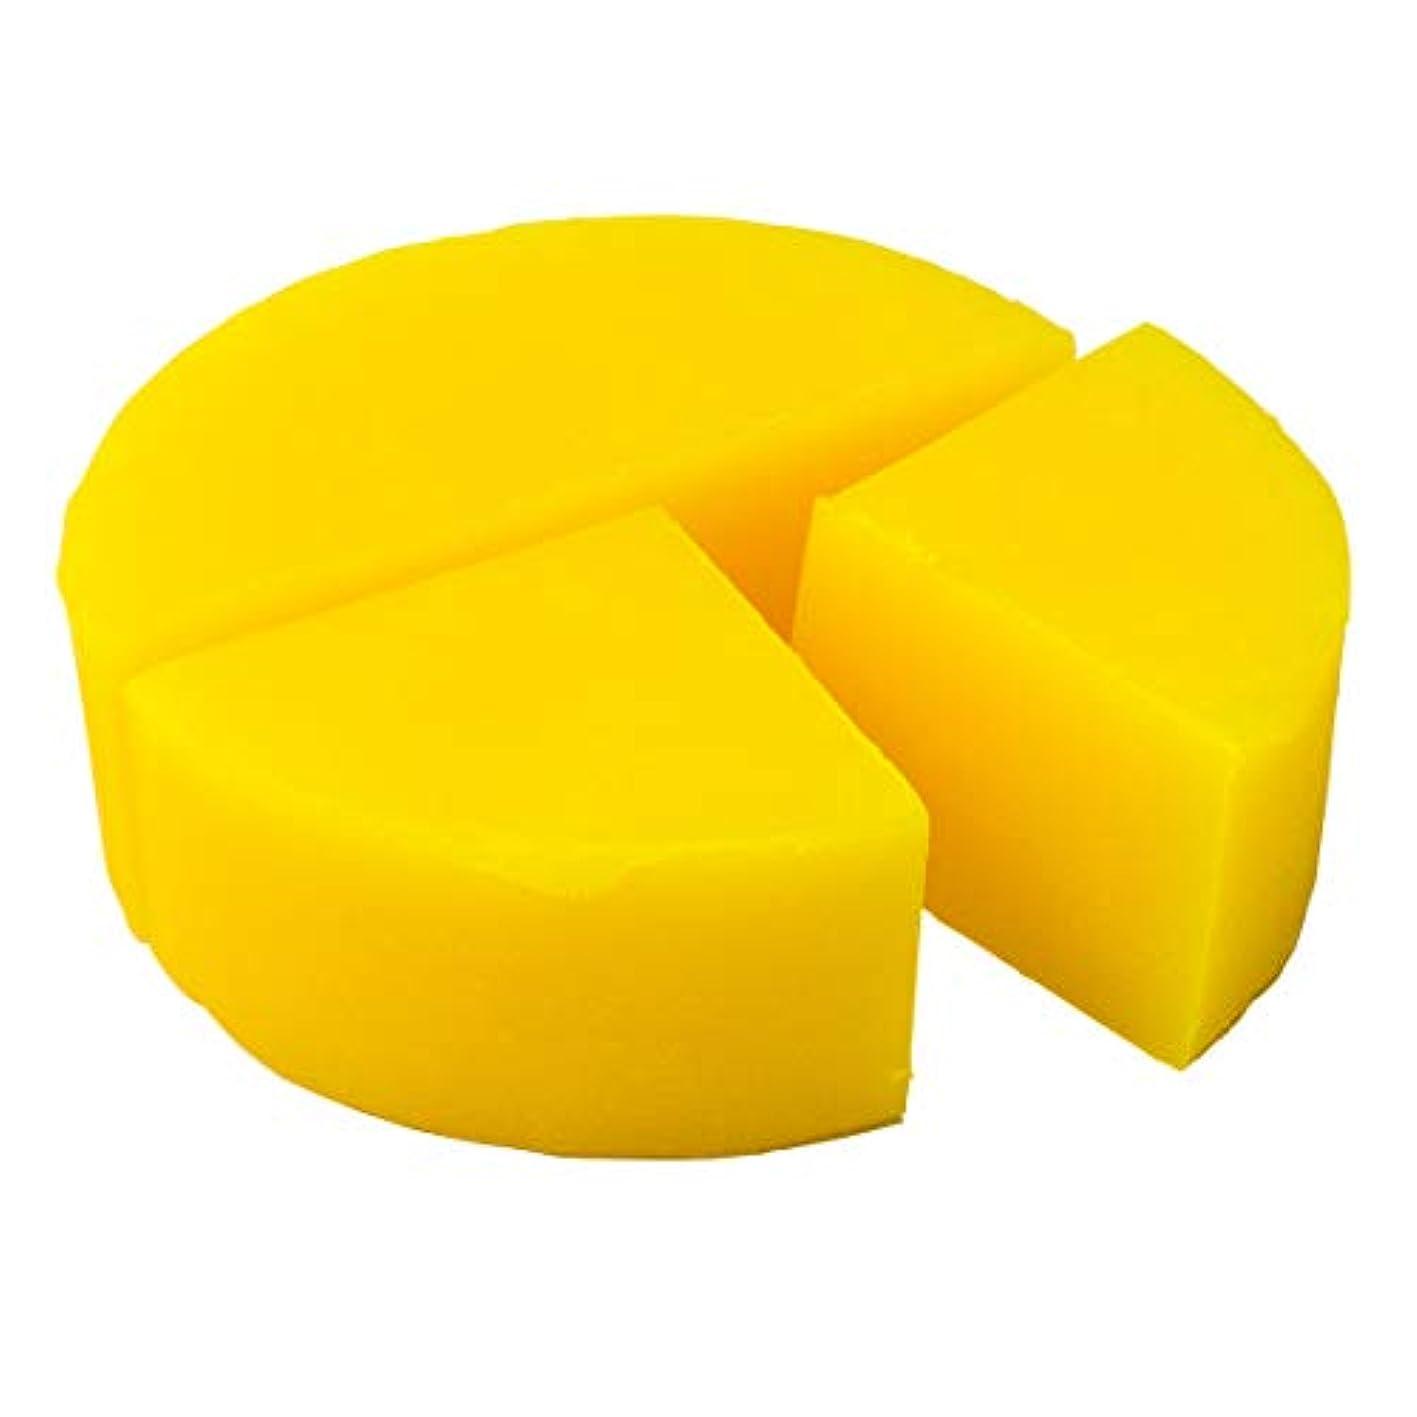 確率ロールミュートグリセリン クリアソープ (MPソープ) 色チップ 黄 100g